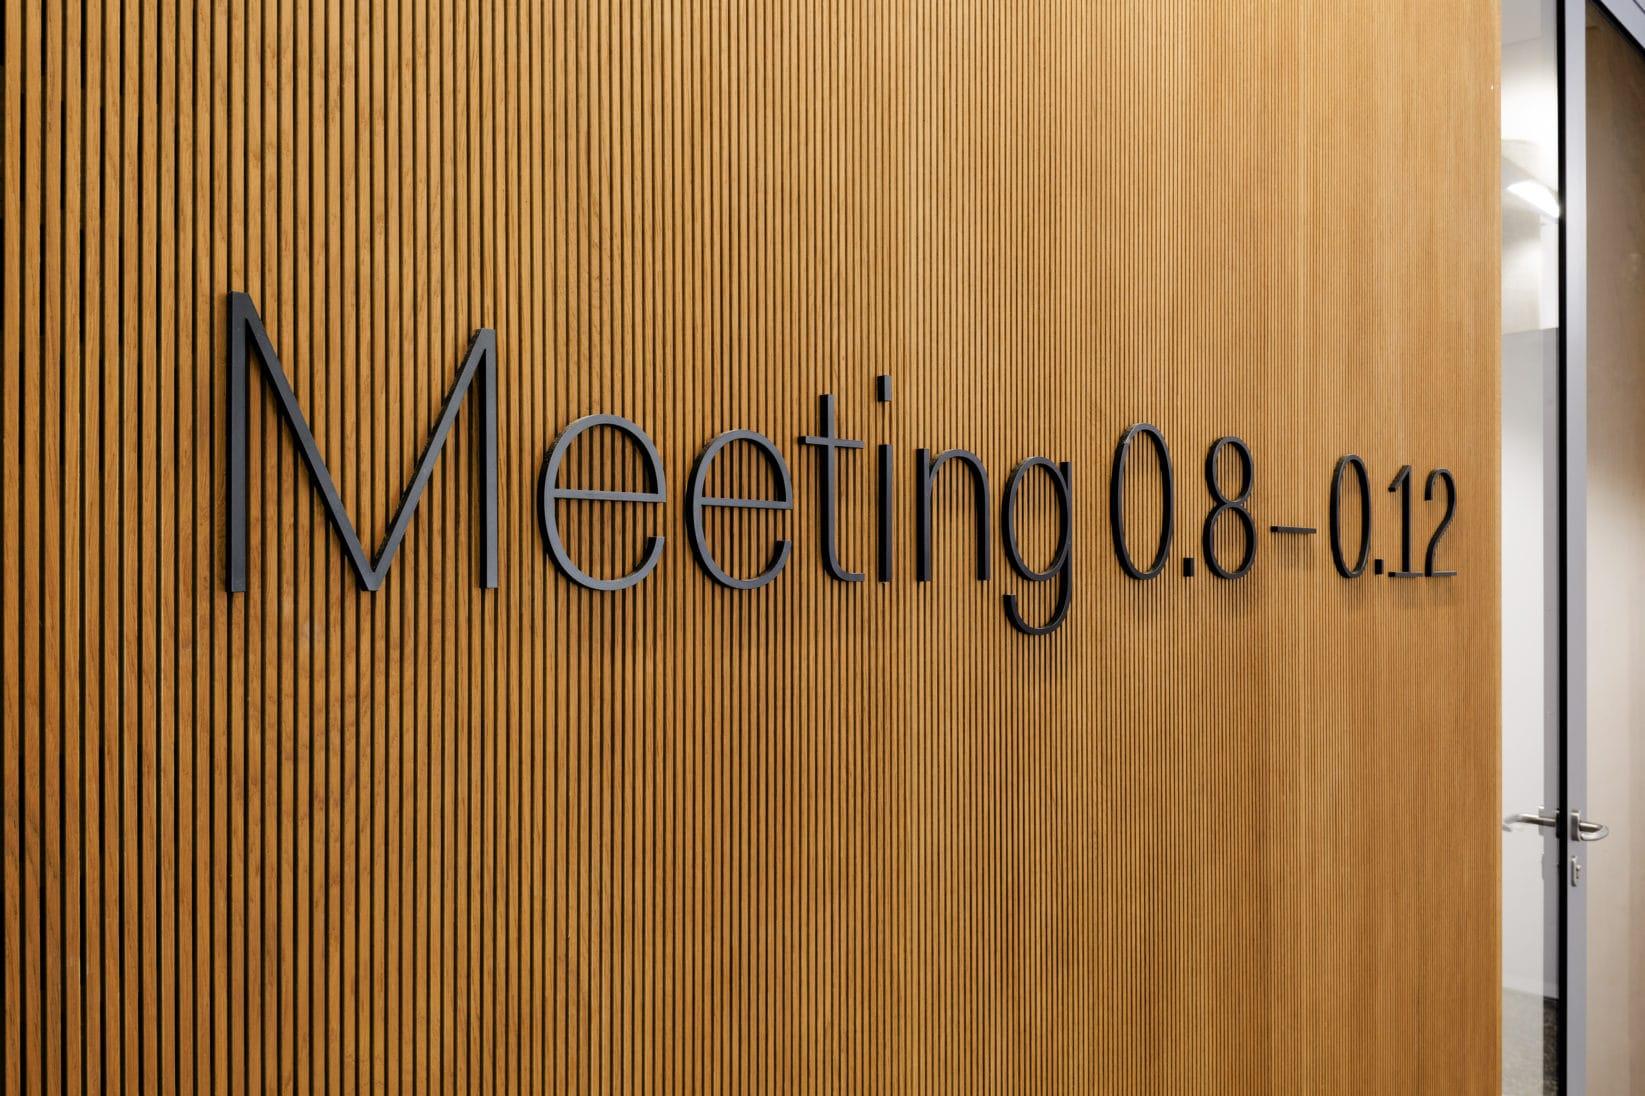 ErsteCampus Leitsystem Raumkennzeichnung Meetingraum 3D Buchstaben